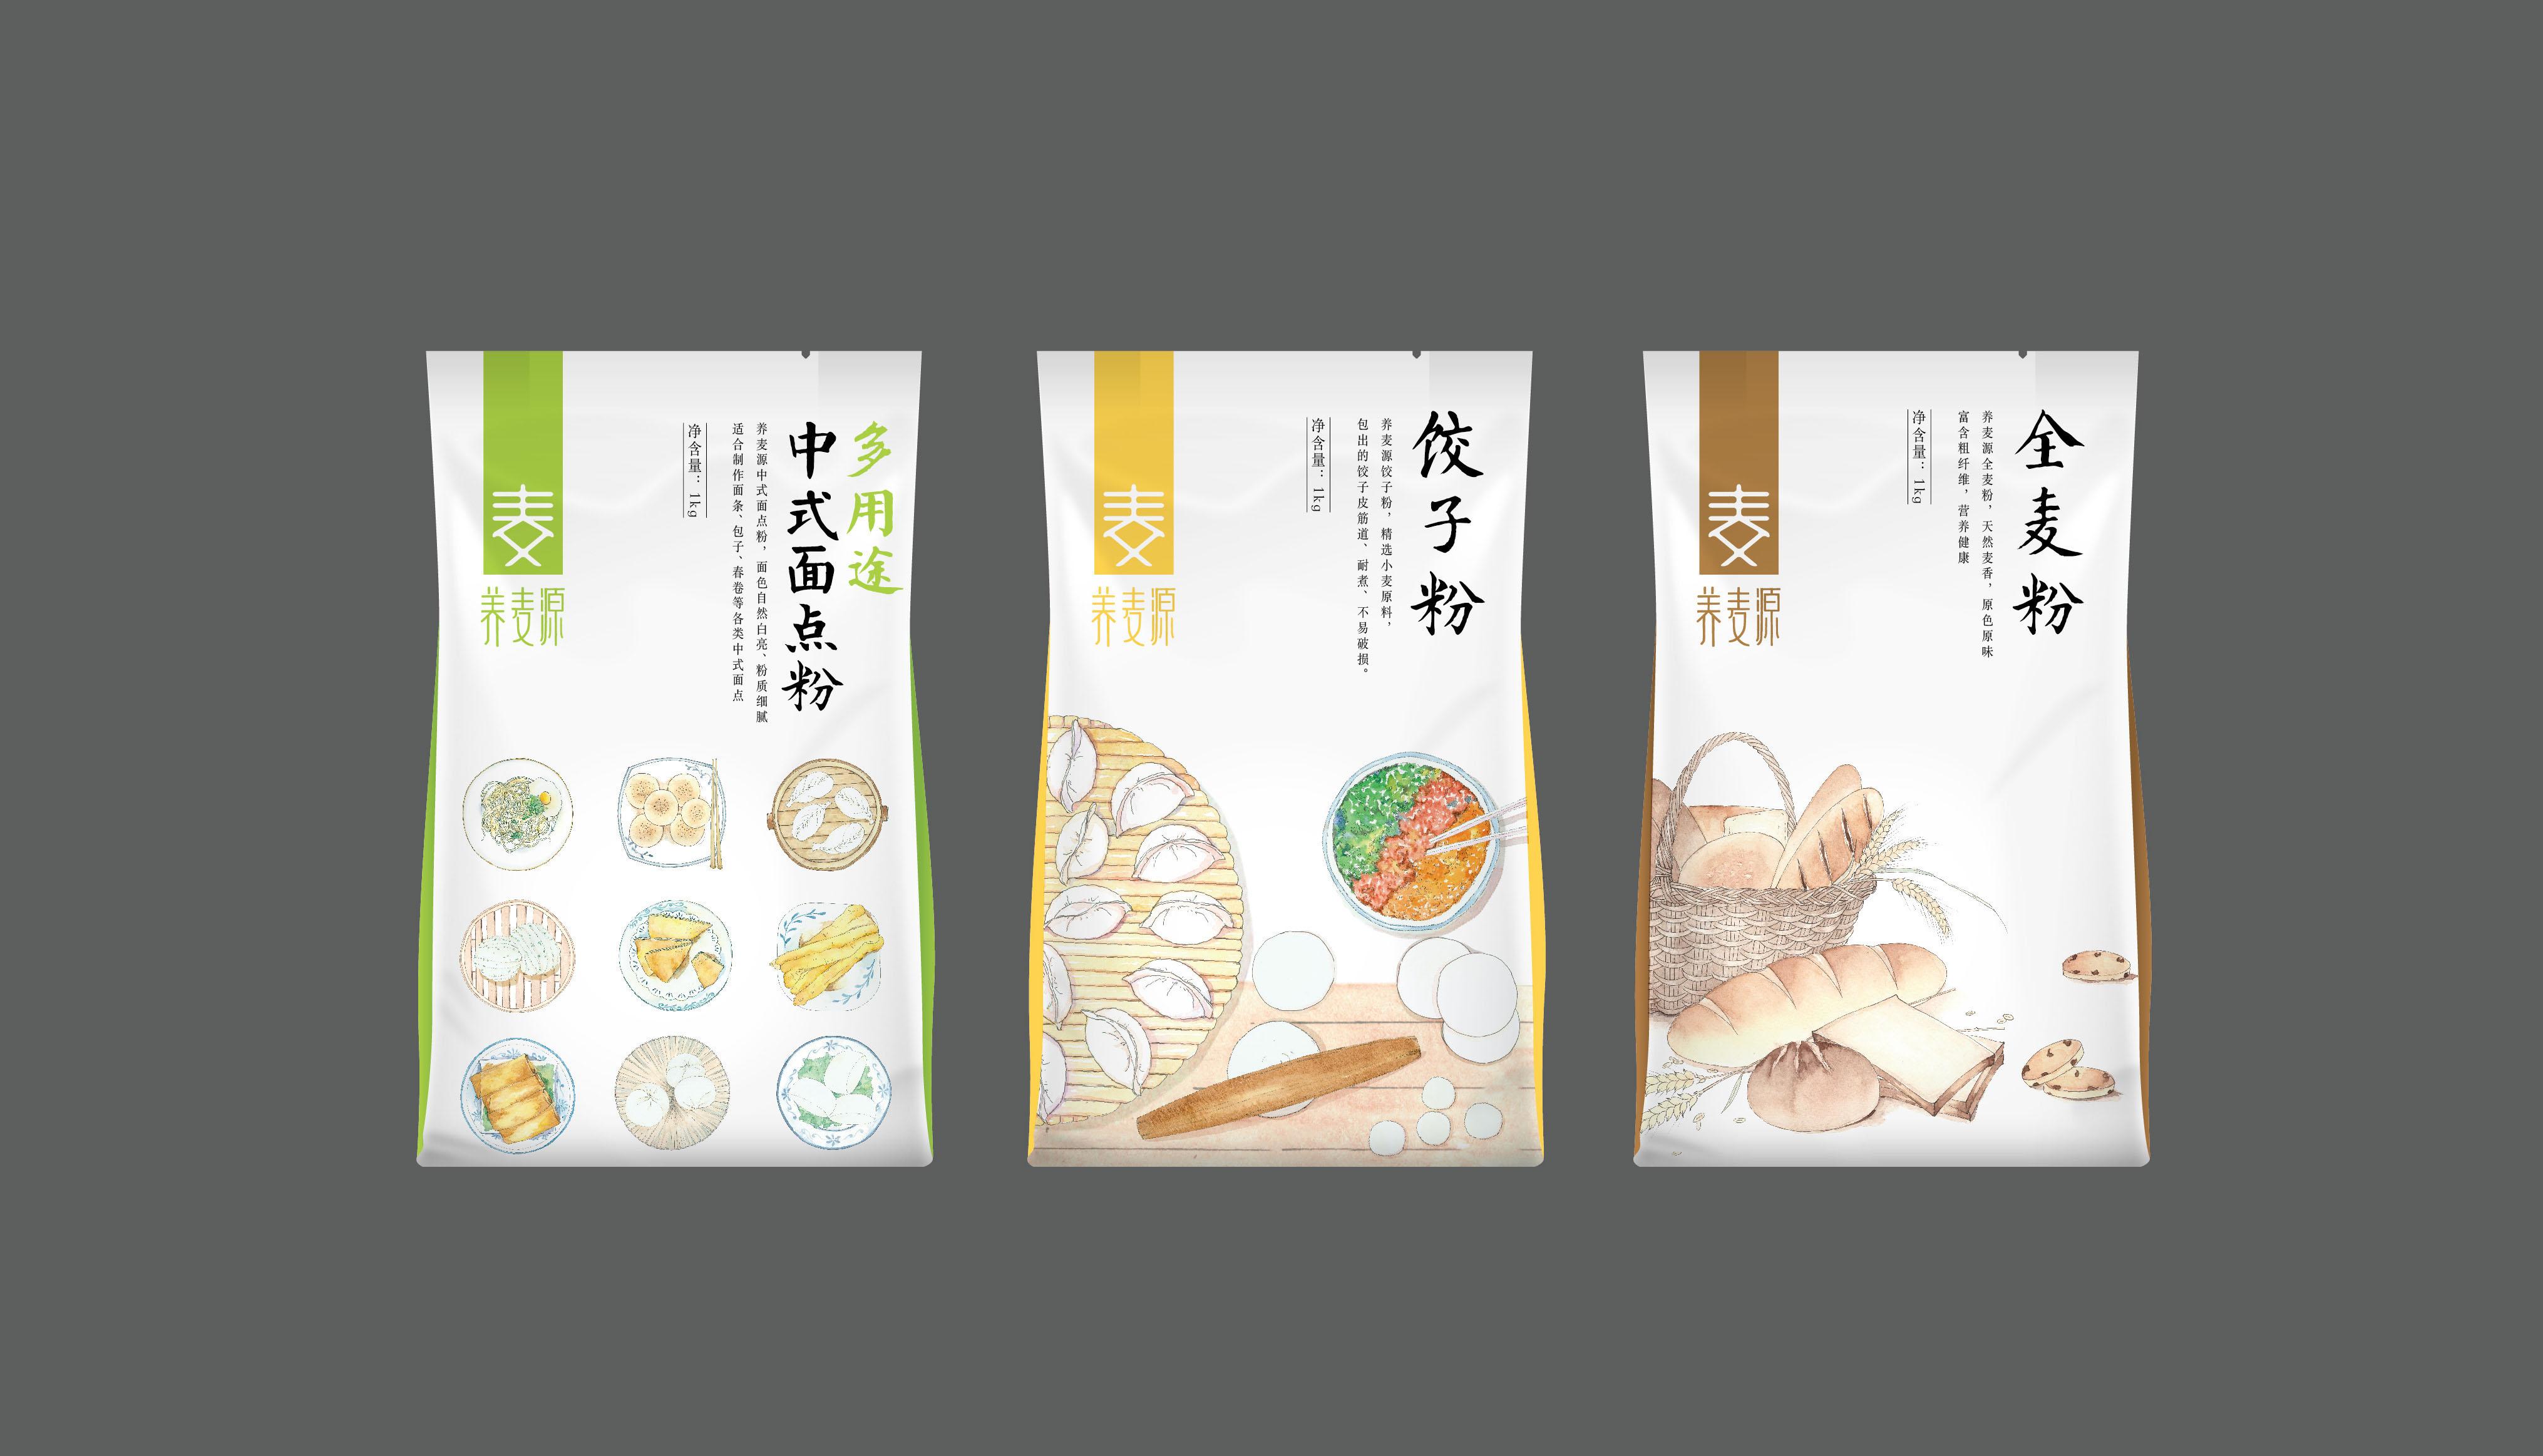 饺子粉、面条粉、馒头粉、全麦粉